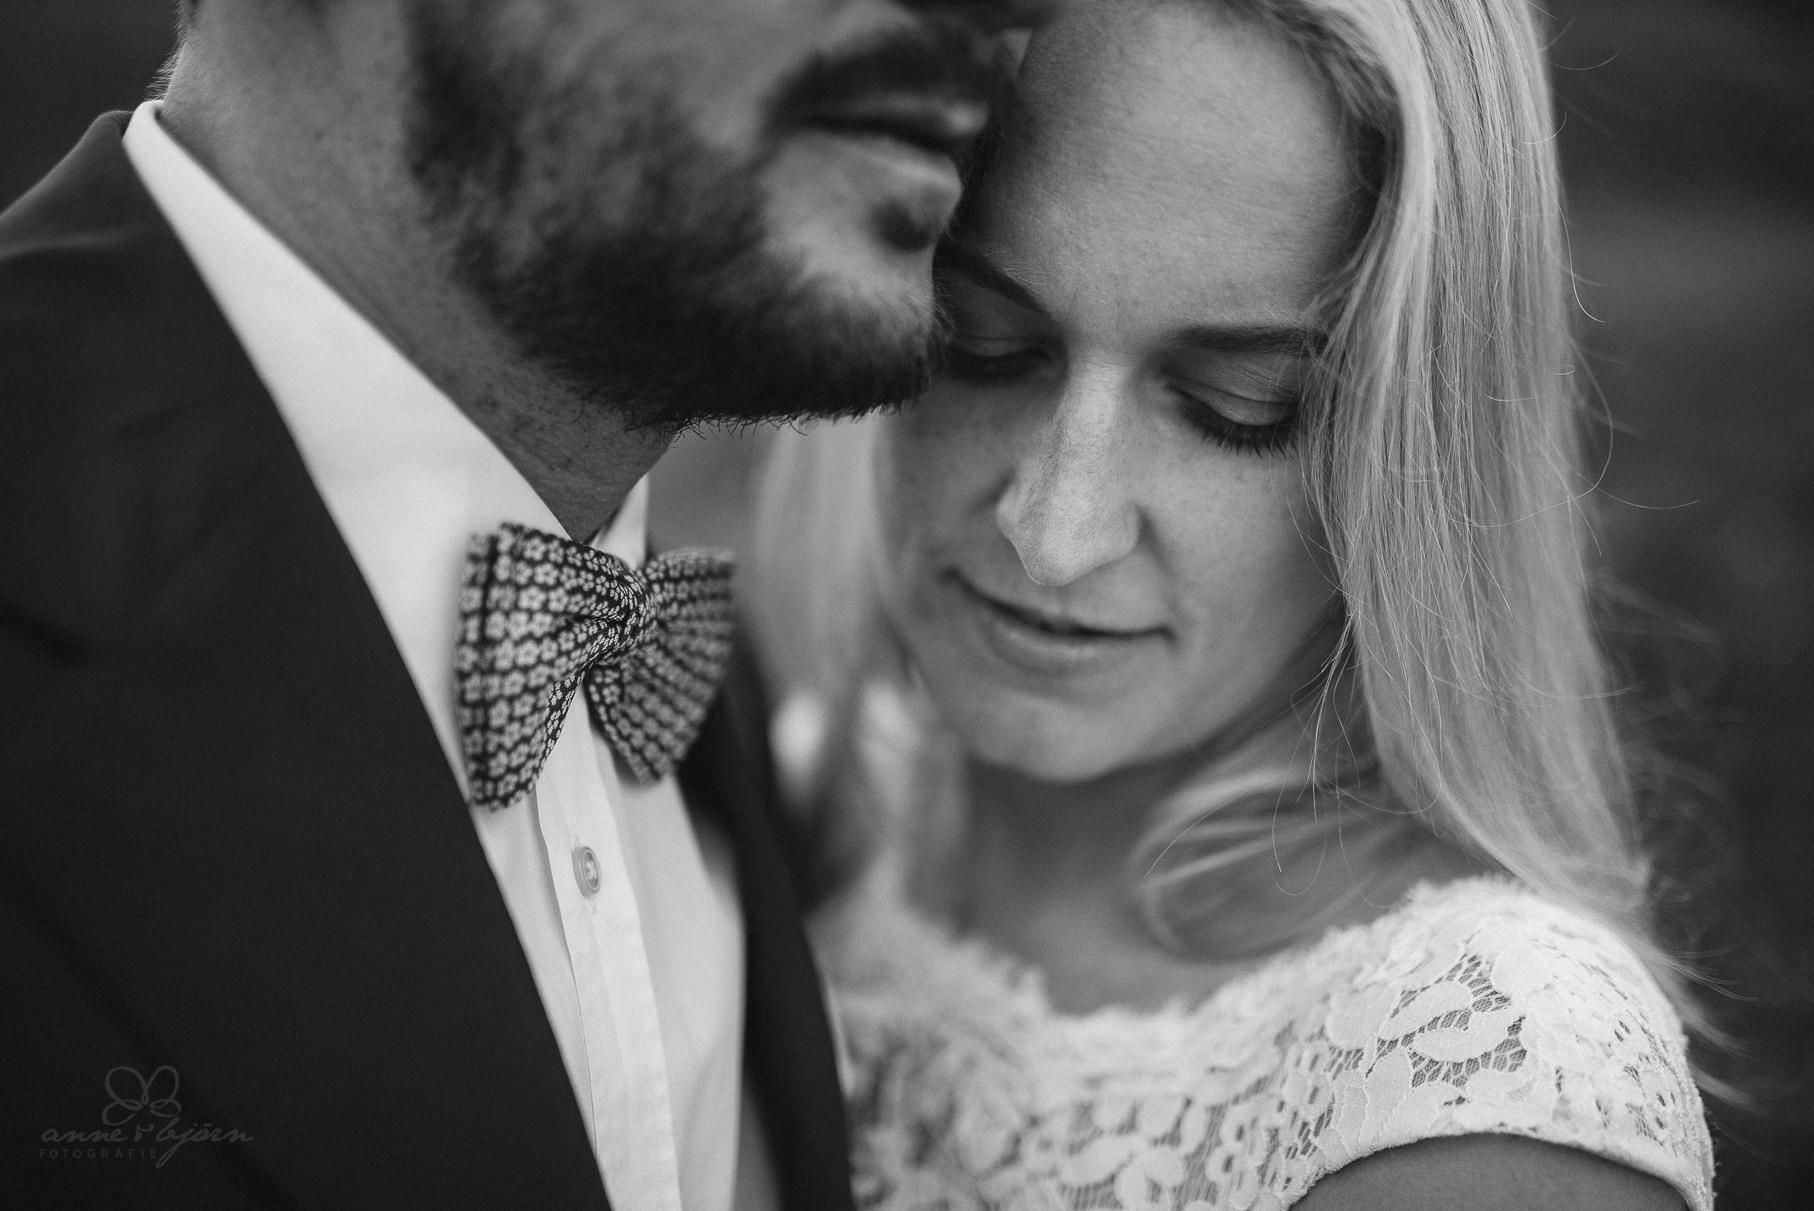 0021 anne und bjoern suc schweiz d75 3088 - After Wedding Shooting in der Schweiz - Sabrina & Christoph